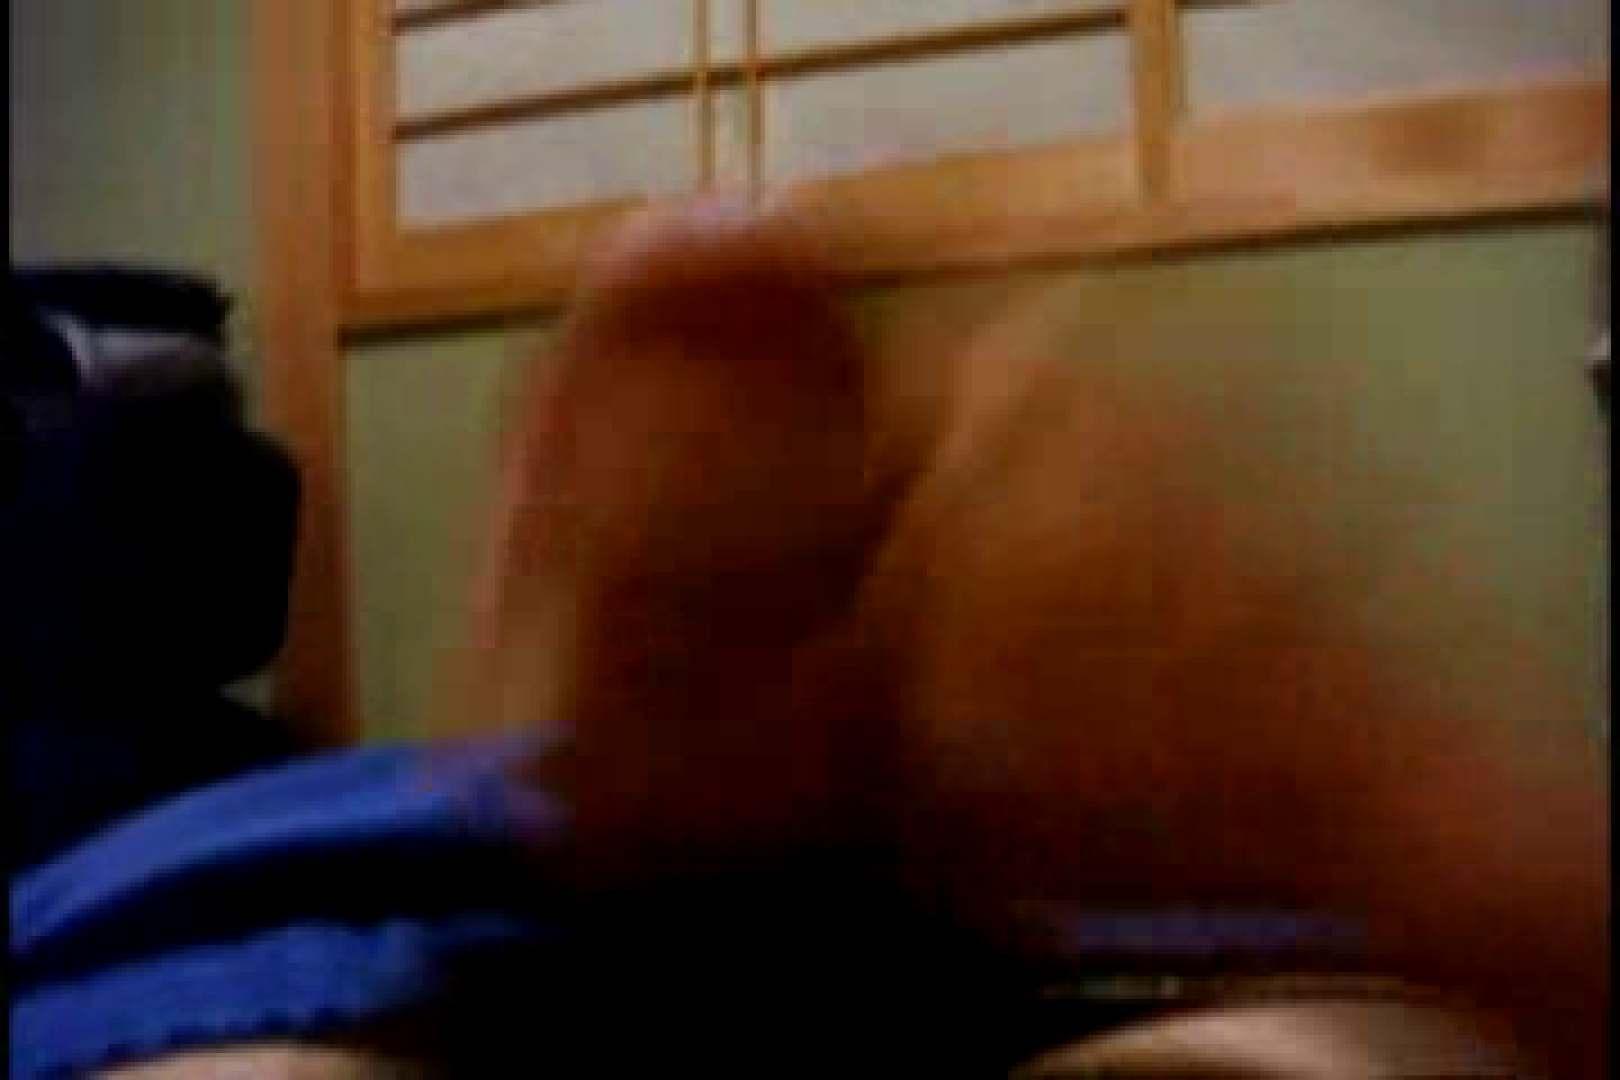 オナ好きノンケテニス部員の自画撮り投稿vol.02 射精 GAY無修正エロ動画 76枚 62